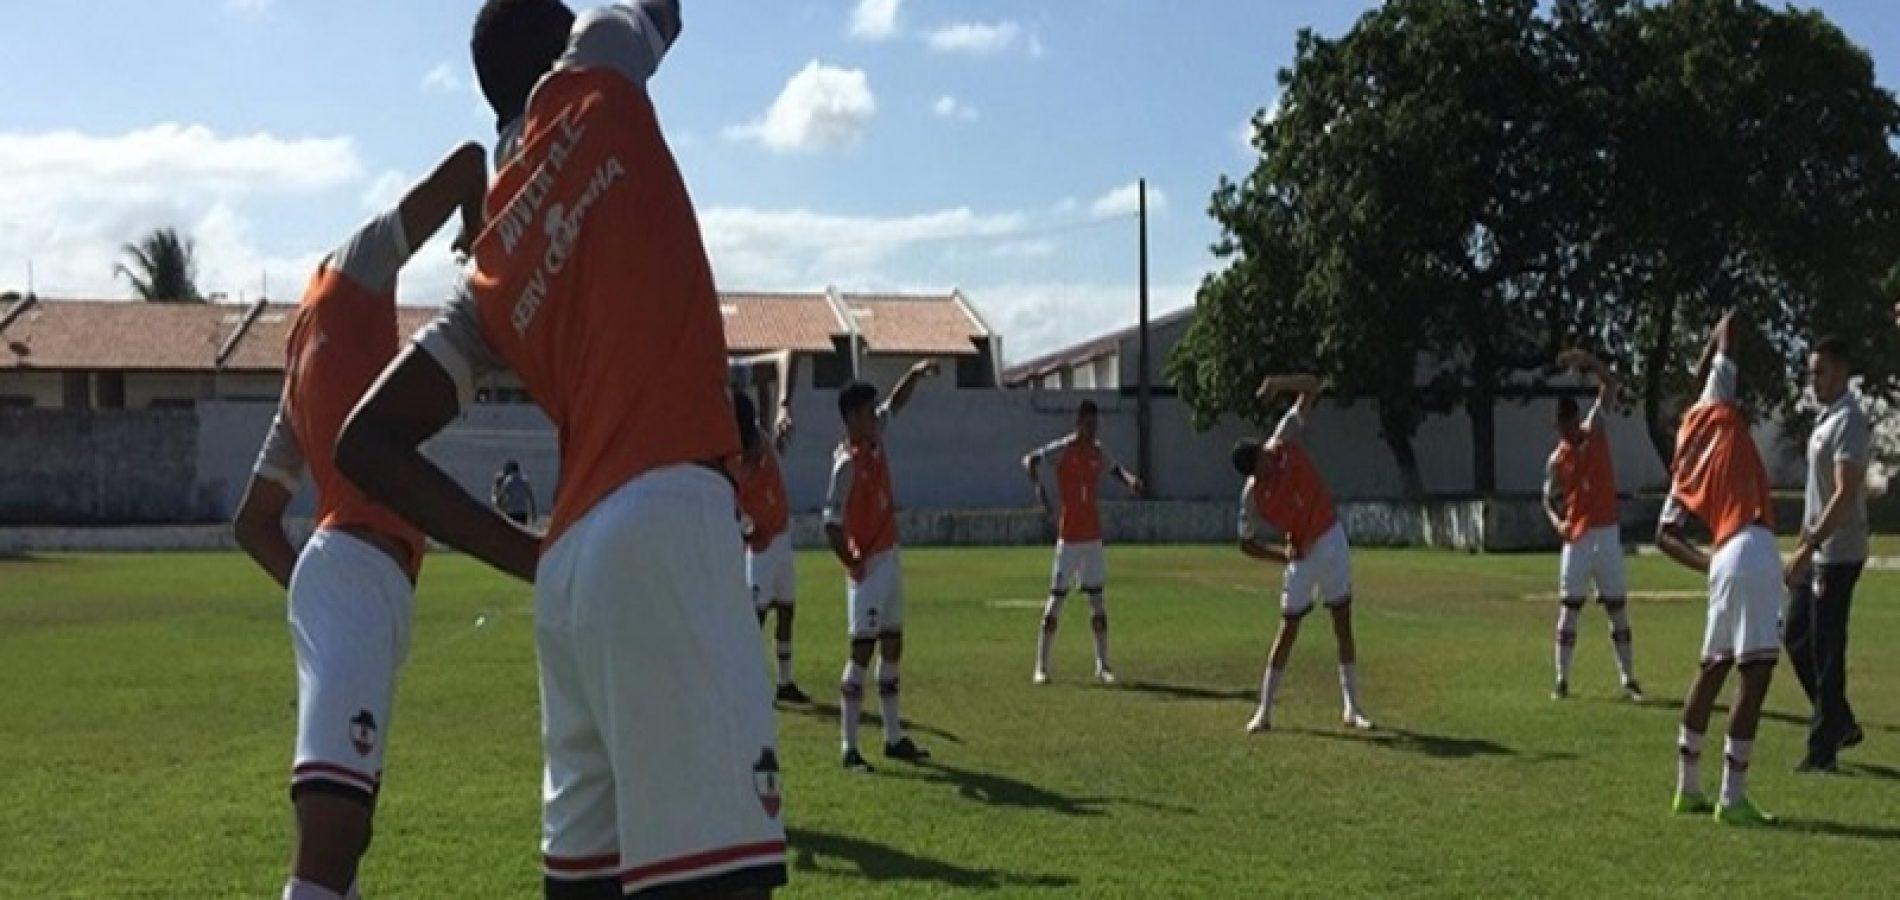 Copa do Nordeste Sub-20: River precisa reagir no segundo jogo com o Ceará